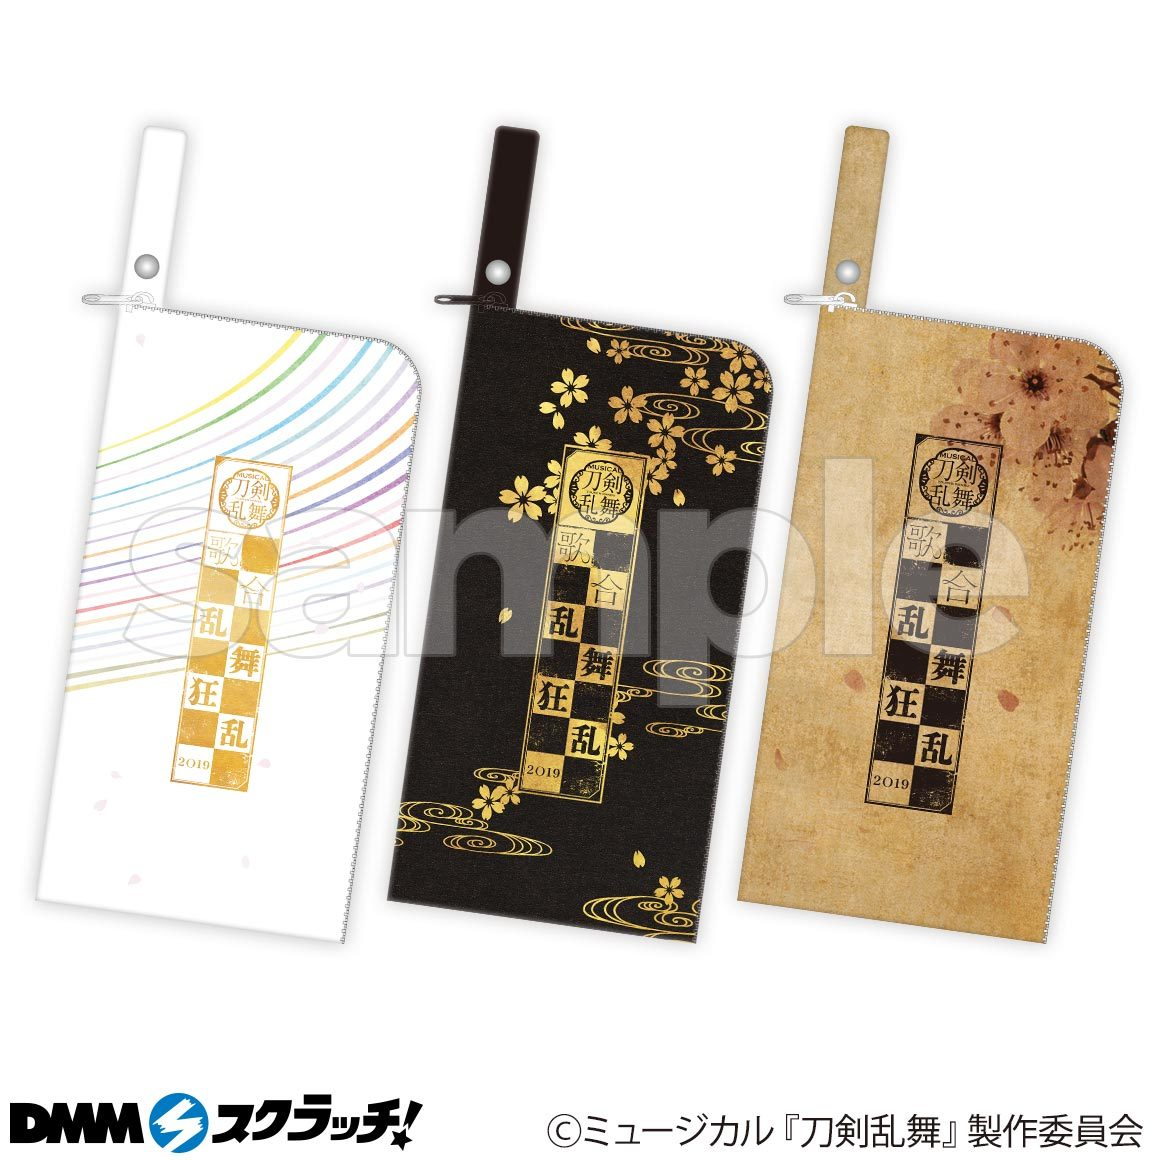 C賞  和風マルチポーチ ( 3 種)